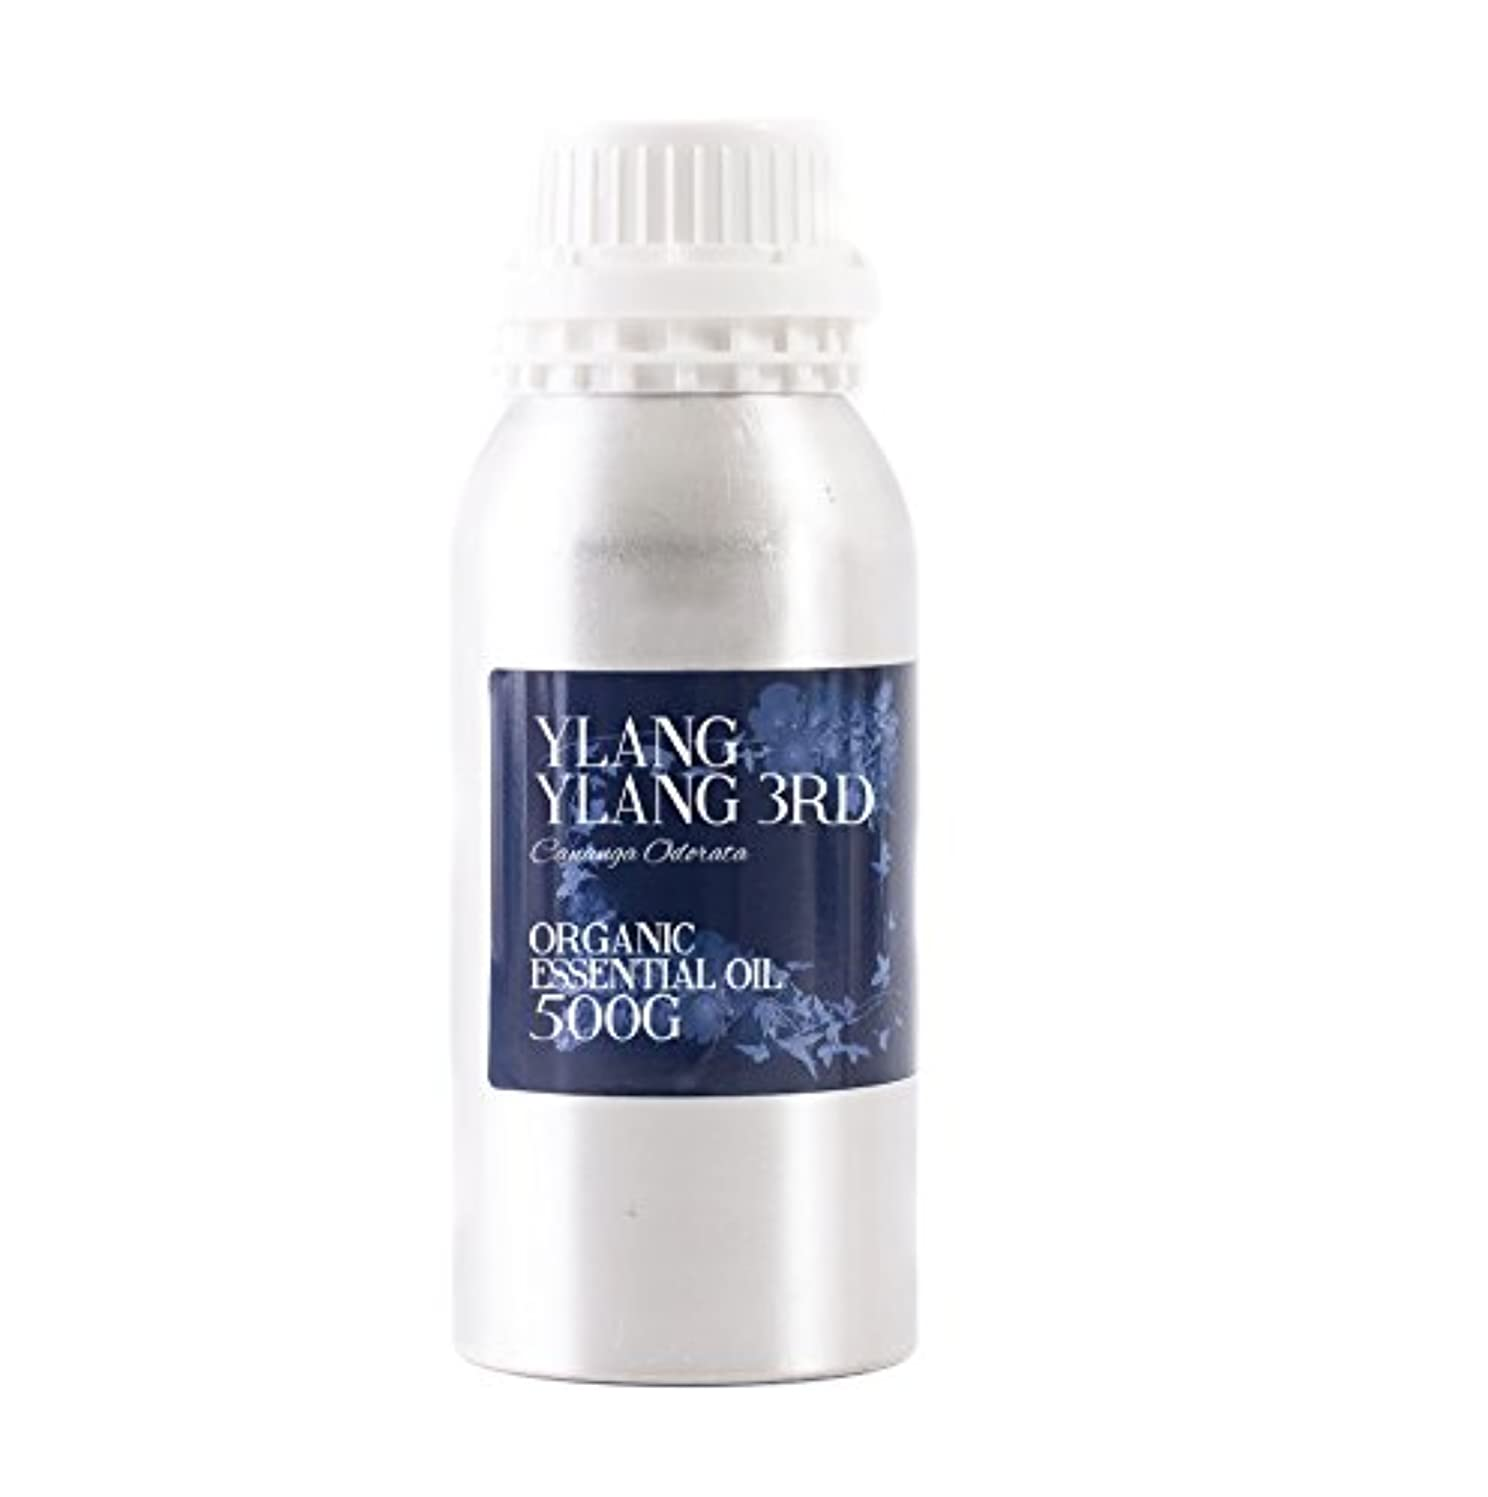 注釈を付けるディスカウント接辞Mystic Moments | Ylang Ylang 3rd Organic Essential Oil - 500g - 100% Pure